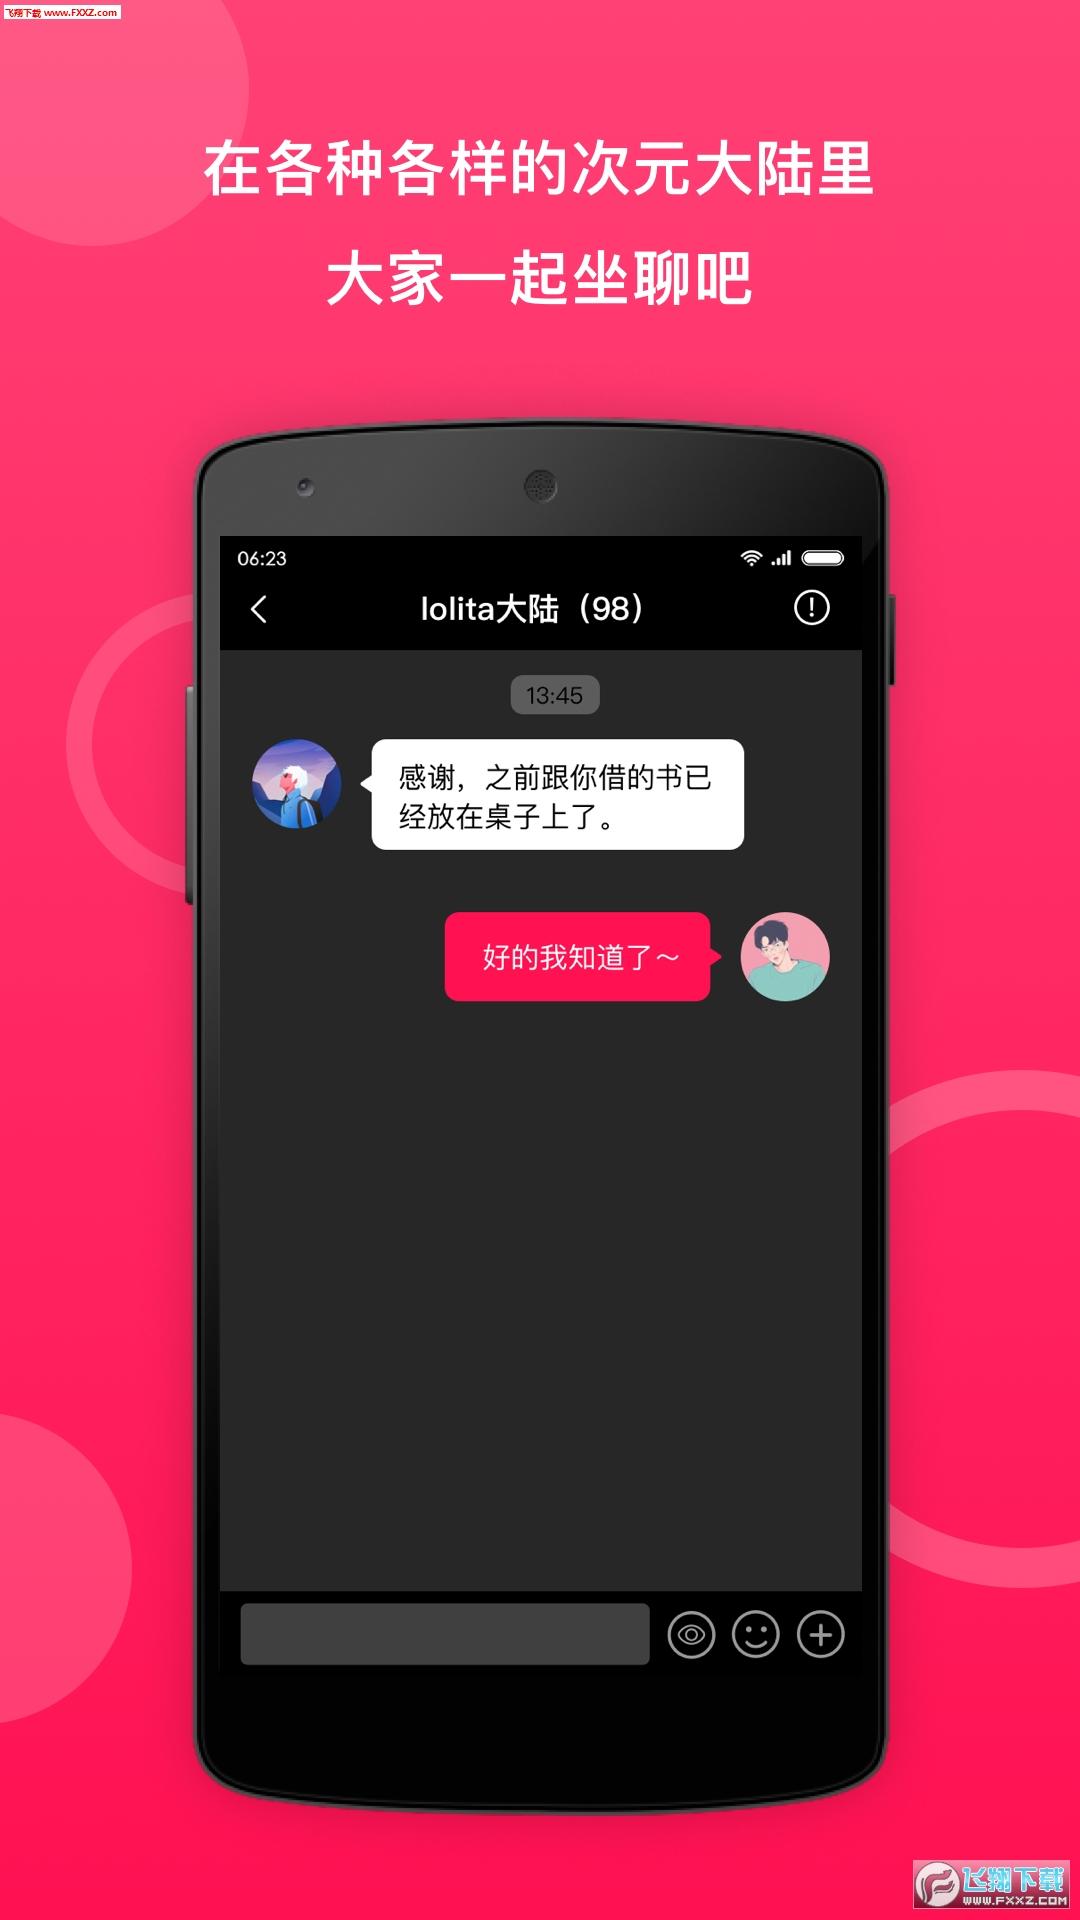 元圈app官方版1.0.0截图2